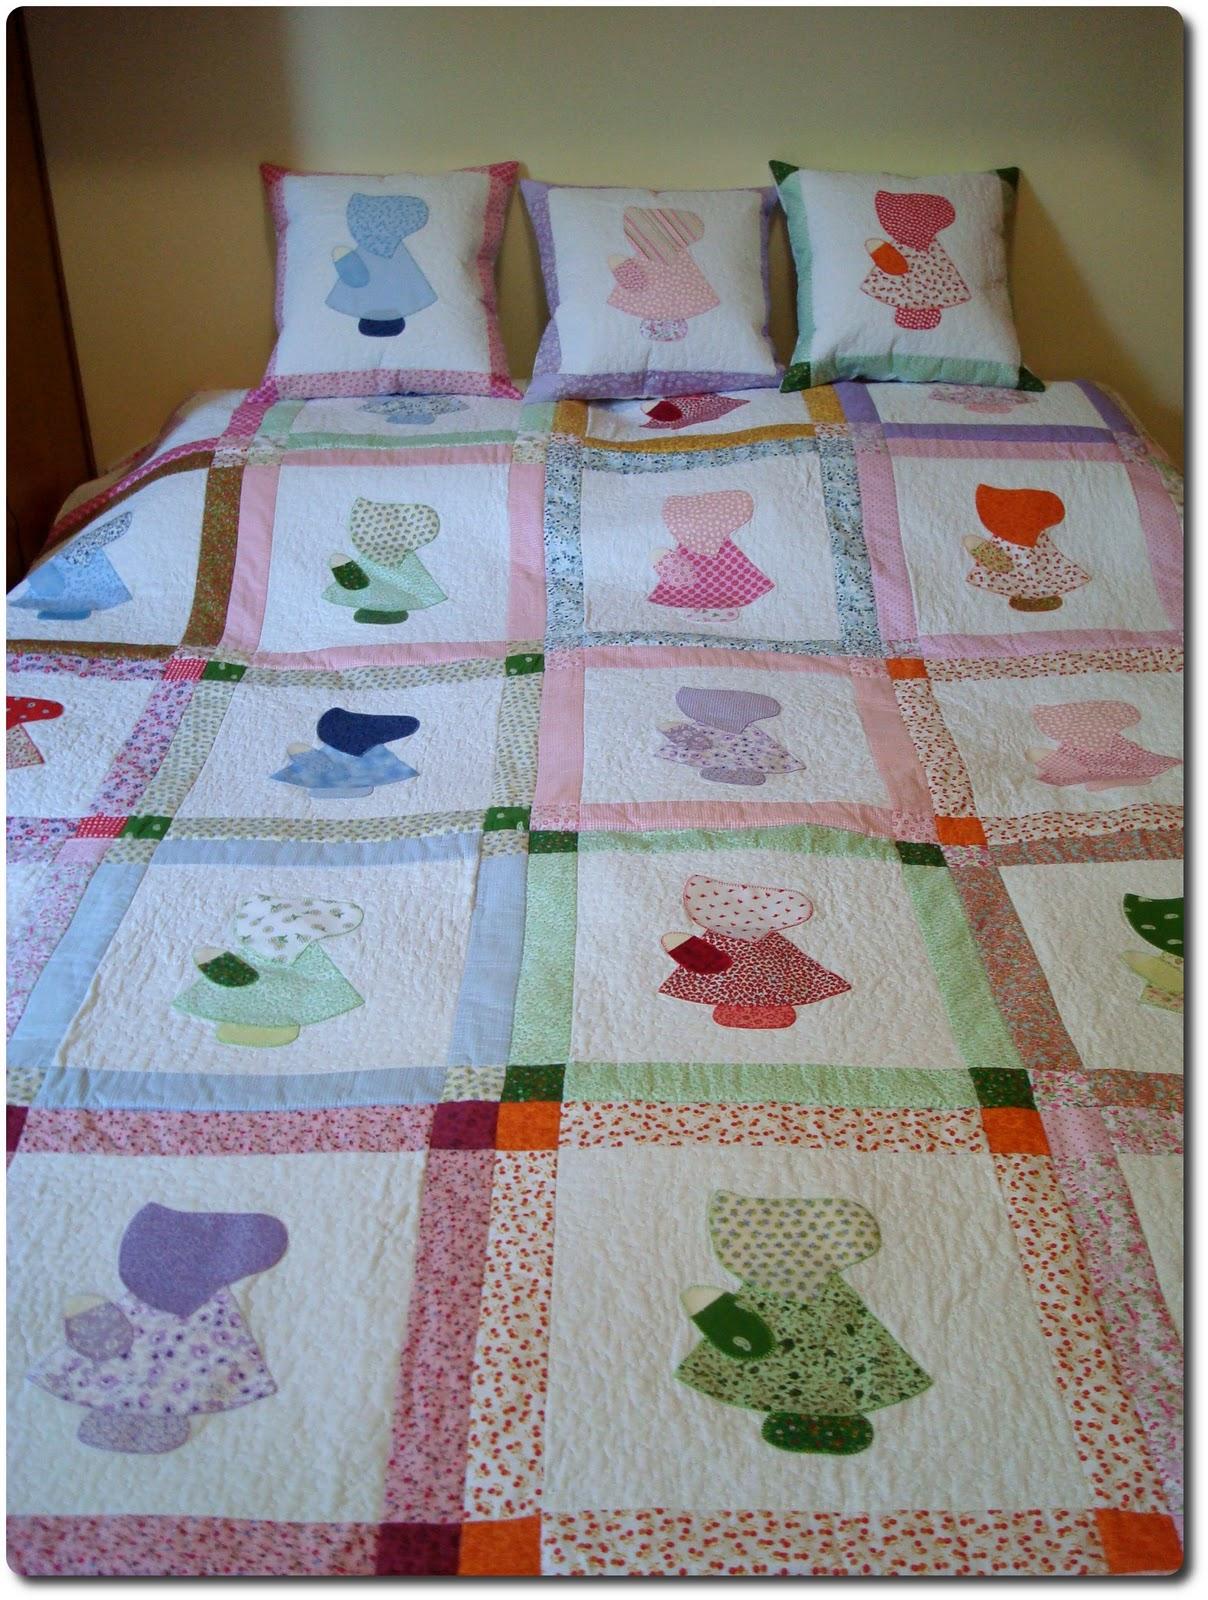 Artes de paula louceiro colcha em patchwork com appliqu - Colcha patchwork ...